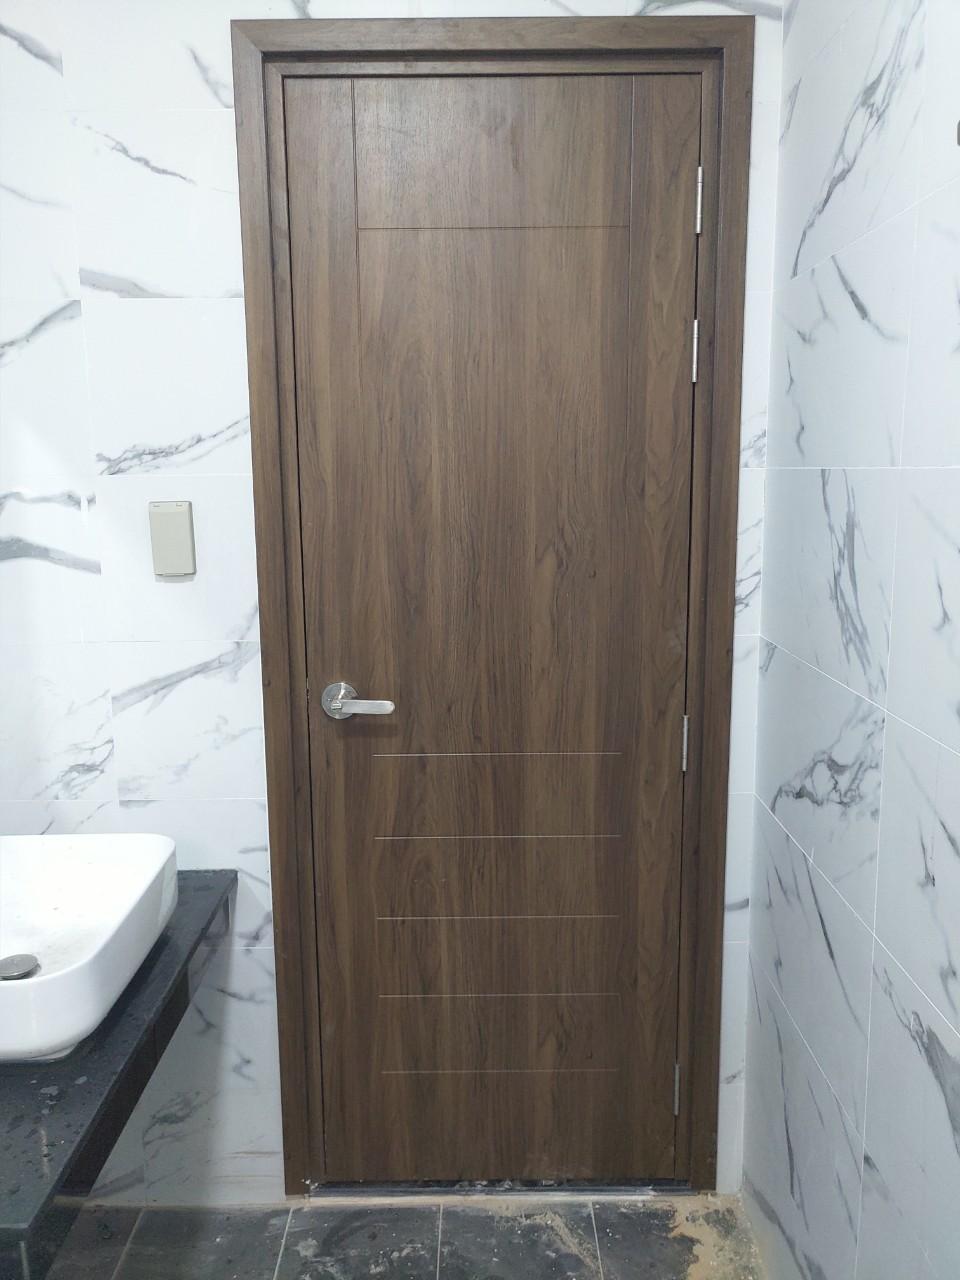 Mẫu cửa nhựa Composite phủ da - lắp đặt nhà vệ sinh.